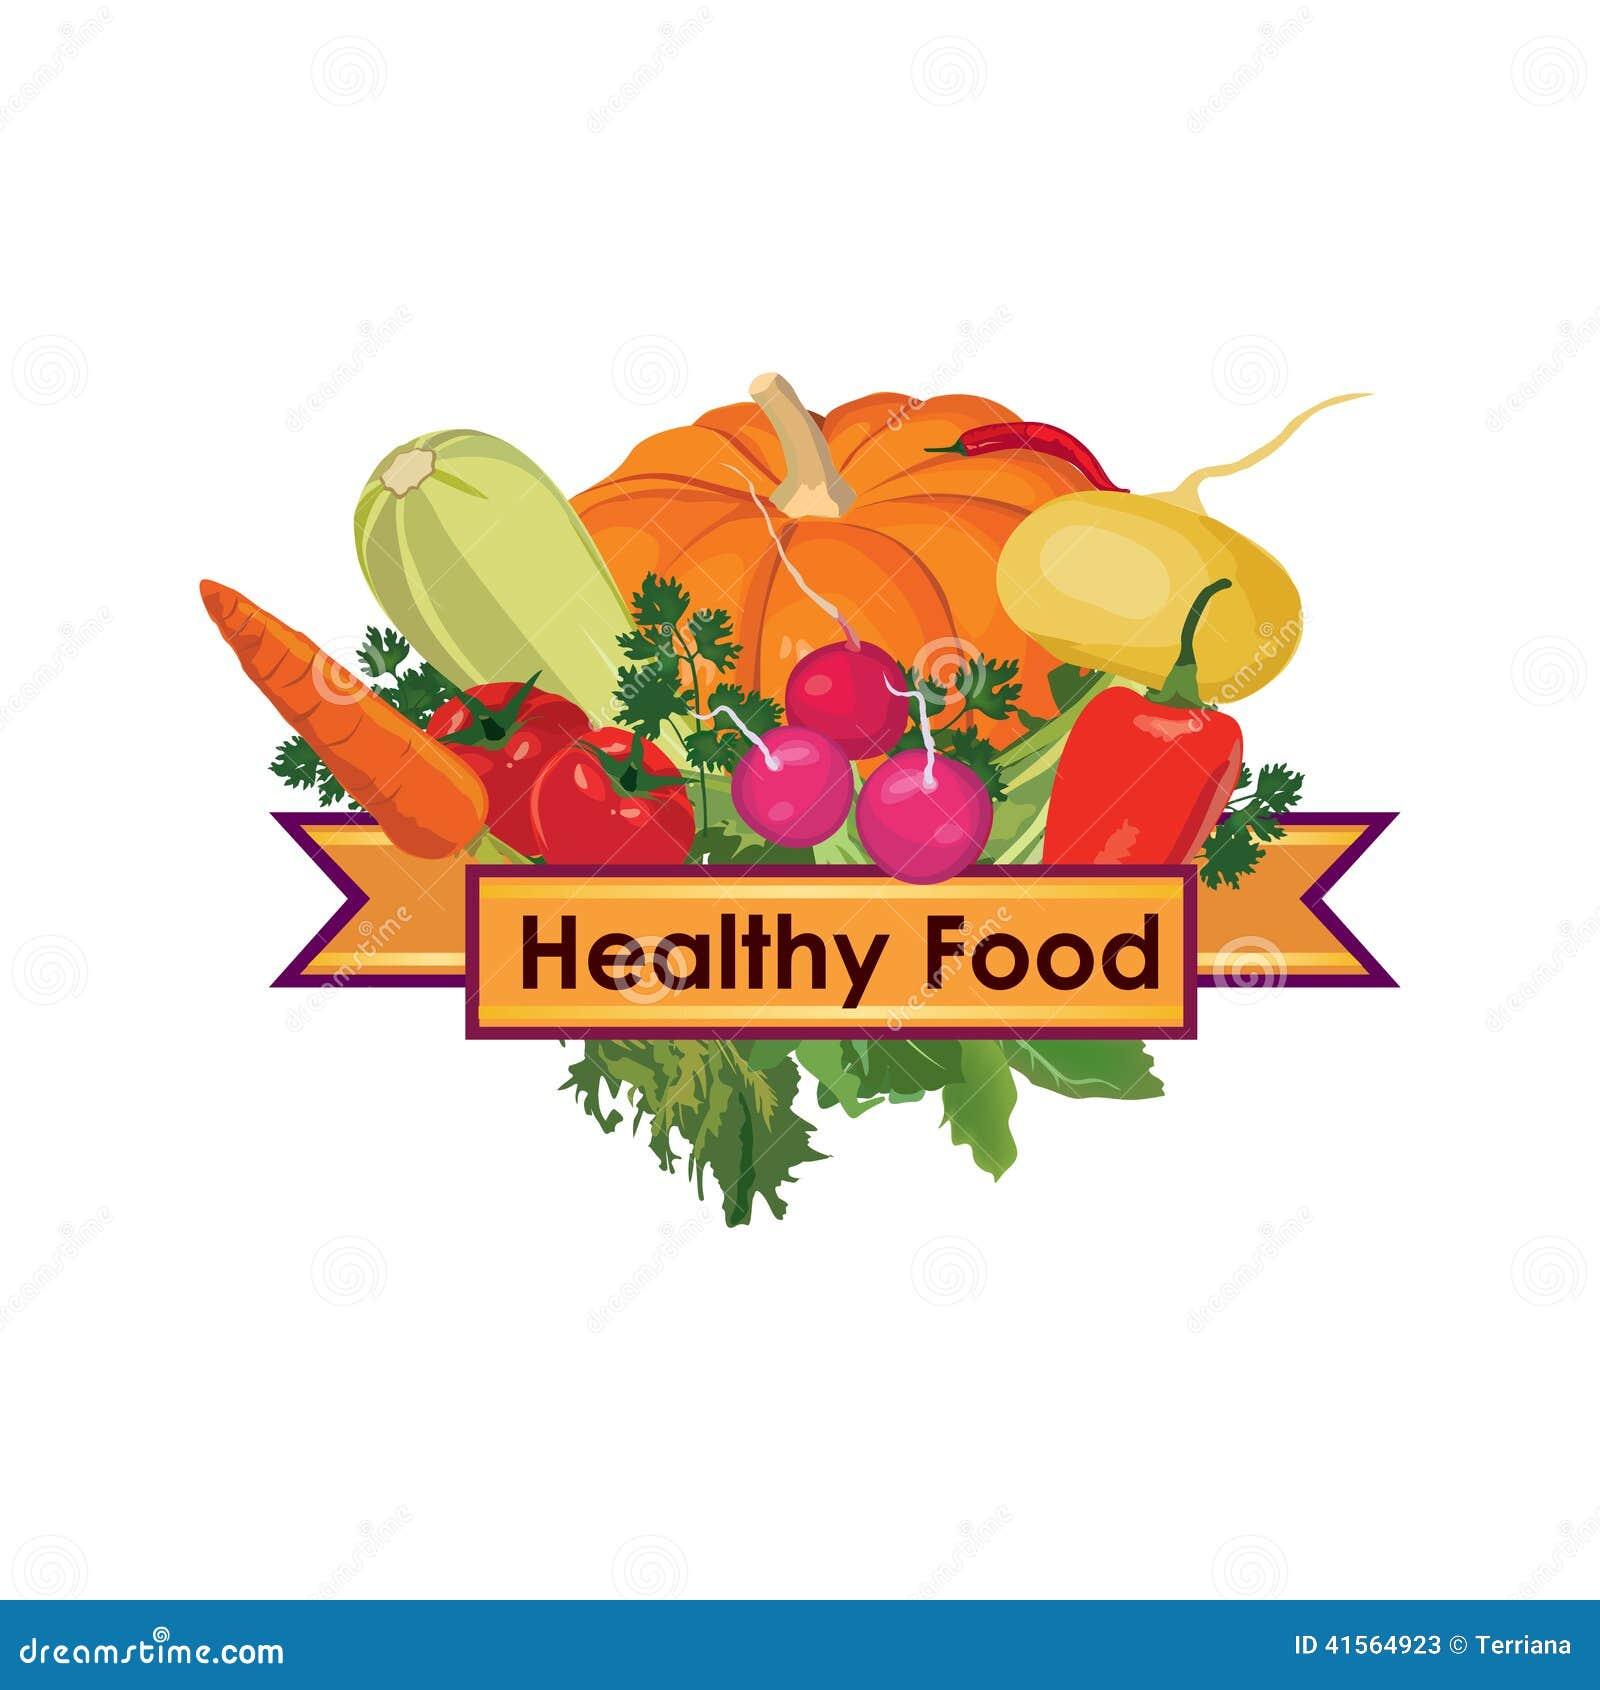 菜 健康食物菜单标志图片